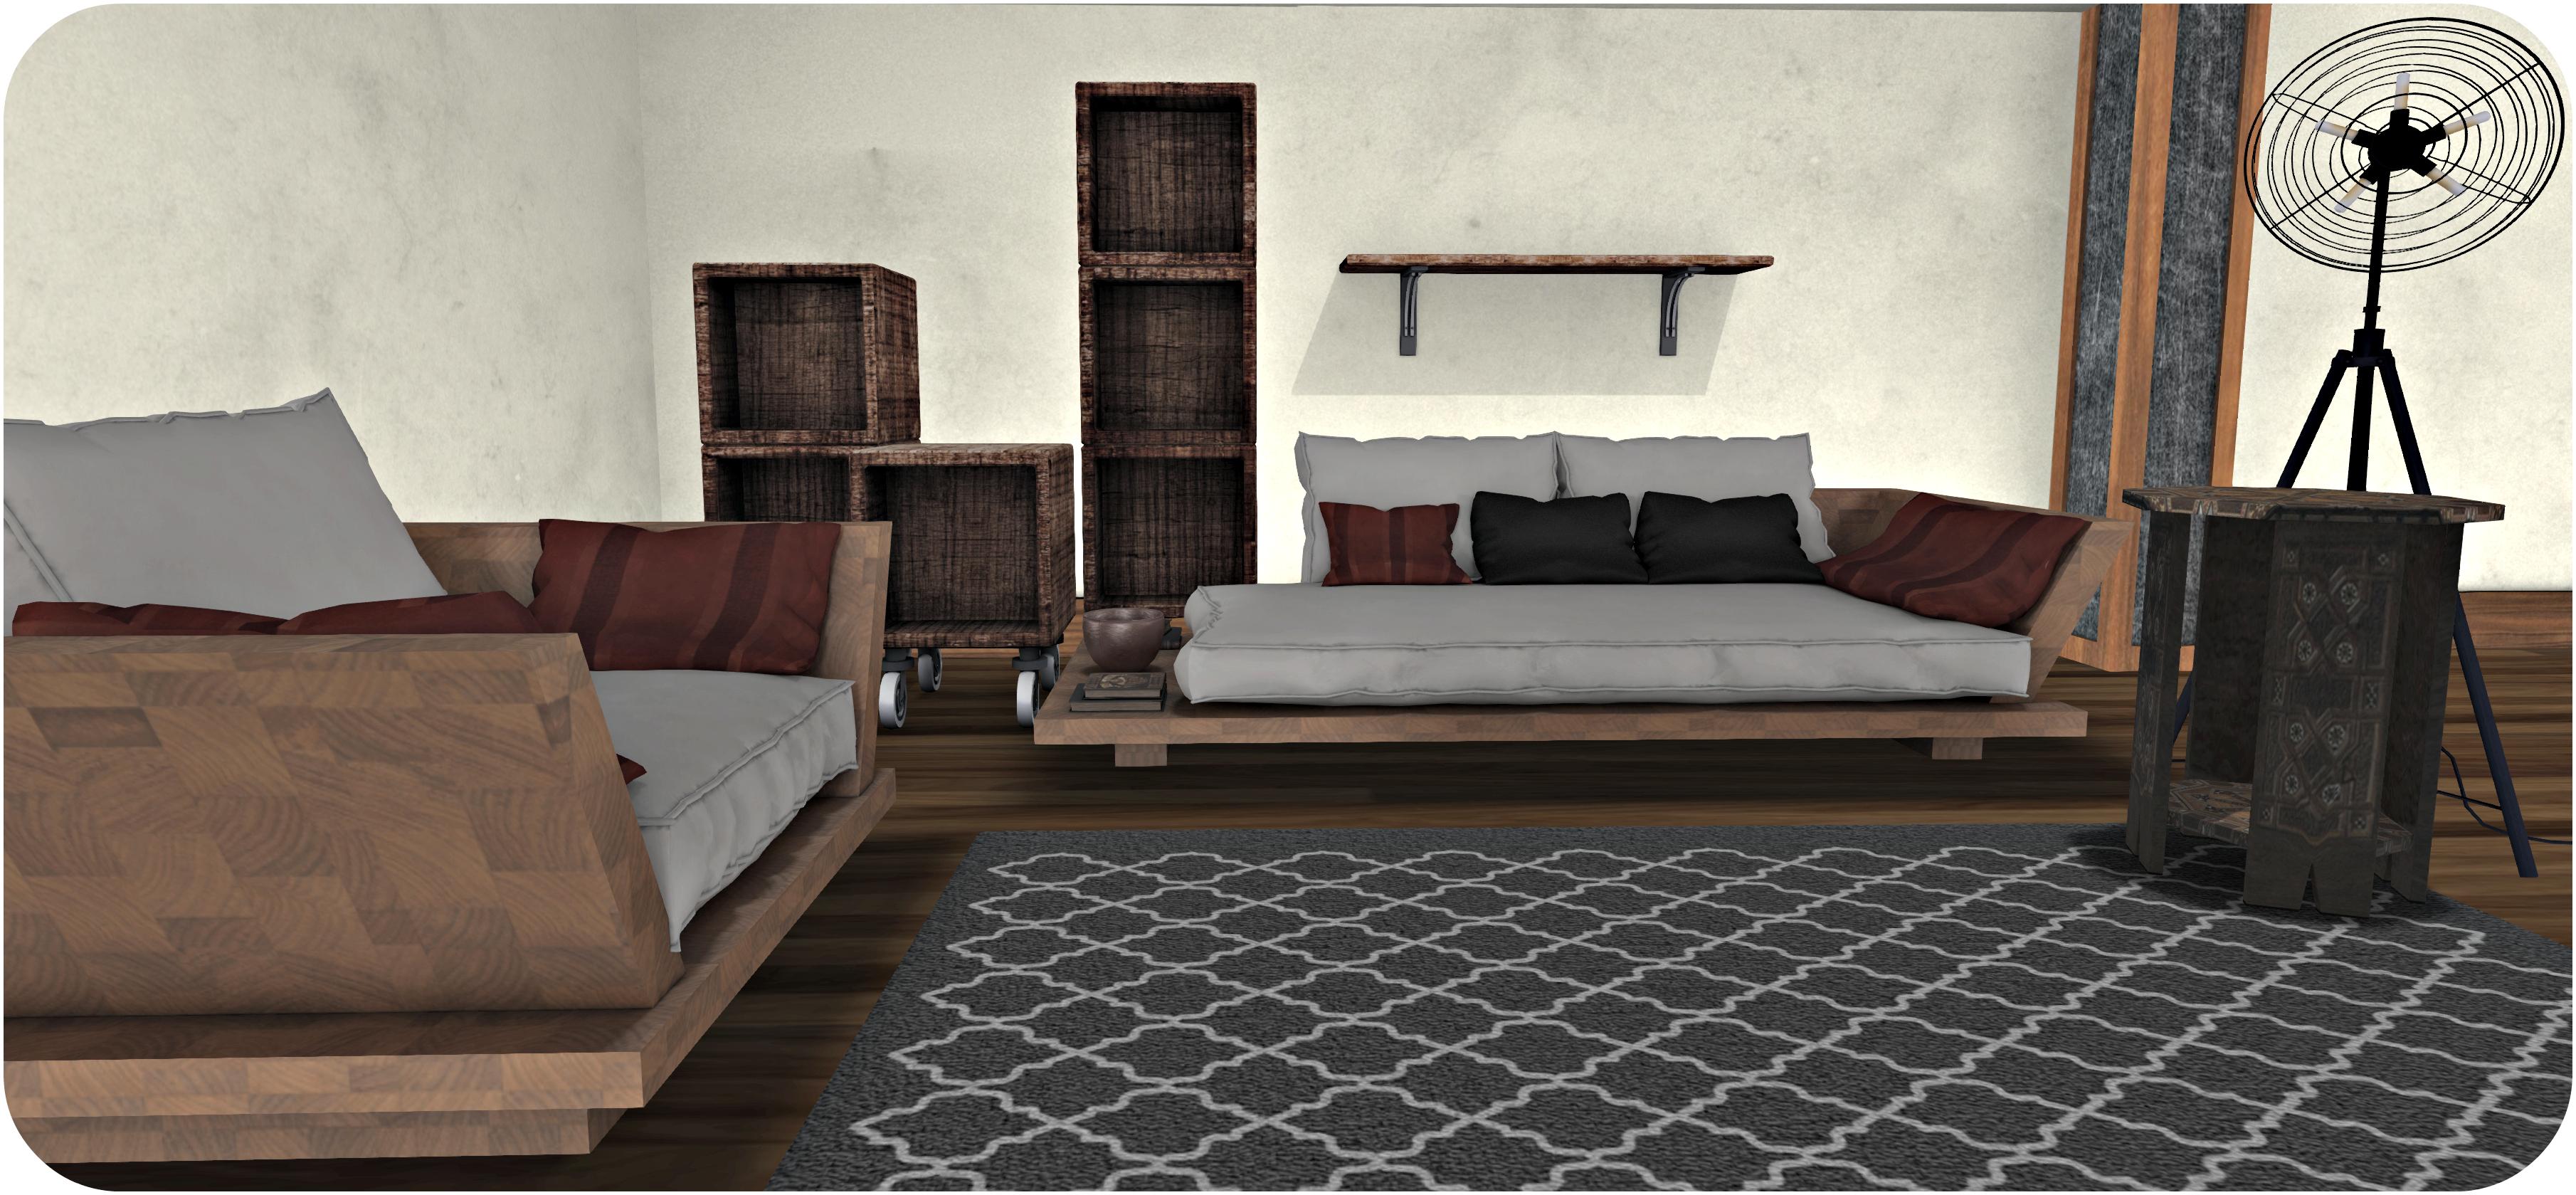 Garage Fair Furniture Shot 1_cropped